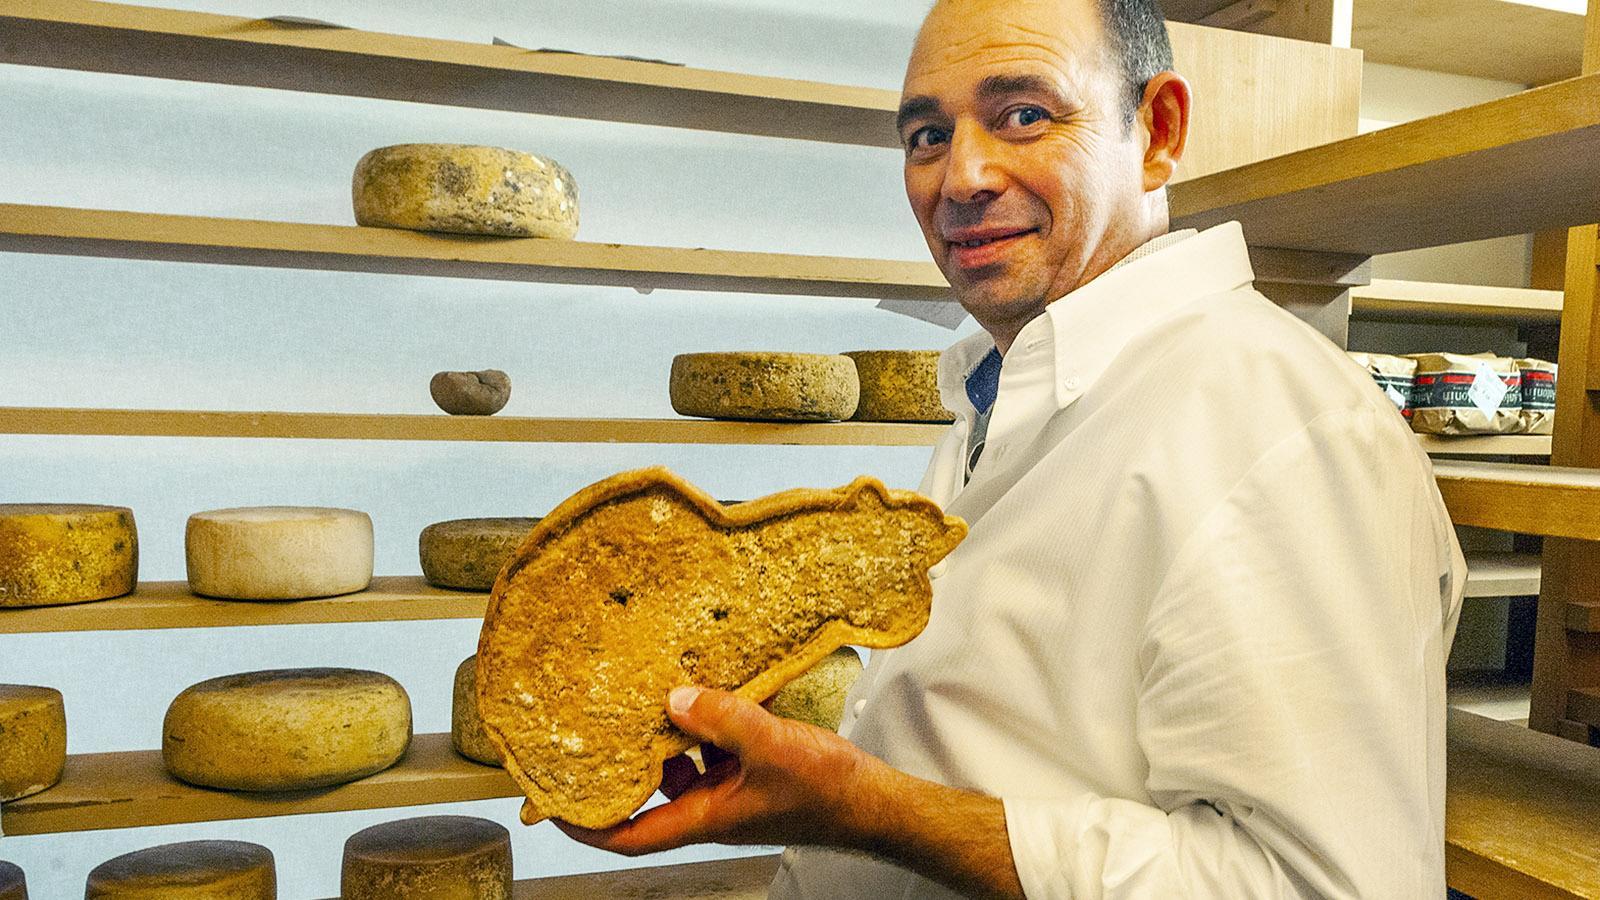 Saint-Jean-de-Luz: Käsemeister Benat Moity. Auch der Wagen ist ein Käse! Foto: Hilke Maunder